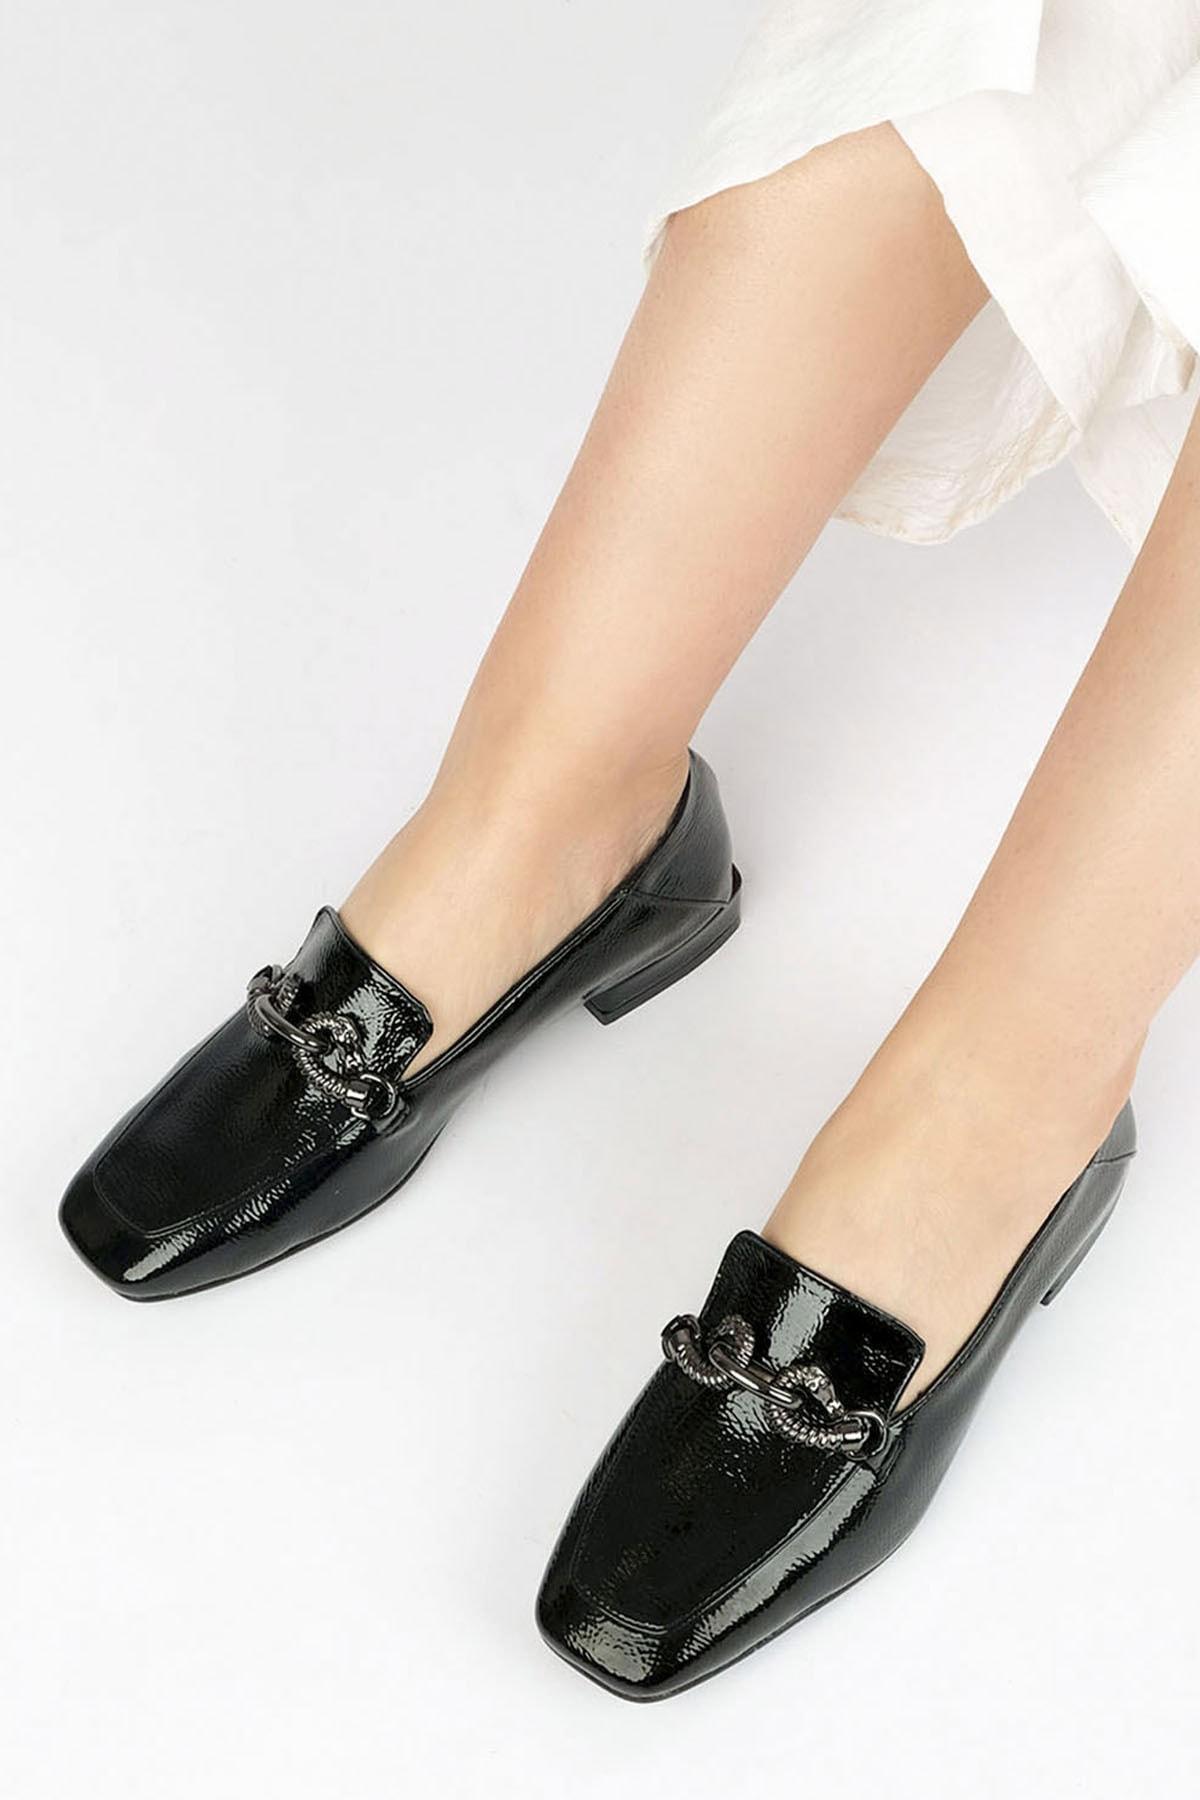 Kadın Loafer Ayakkabı Alvasiyah Rugan